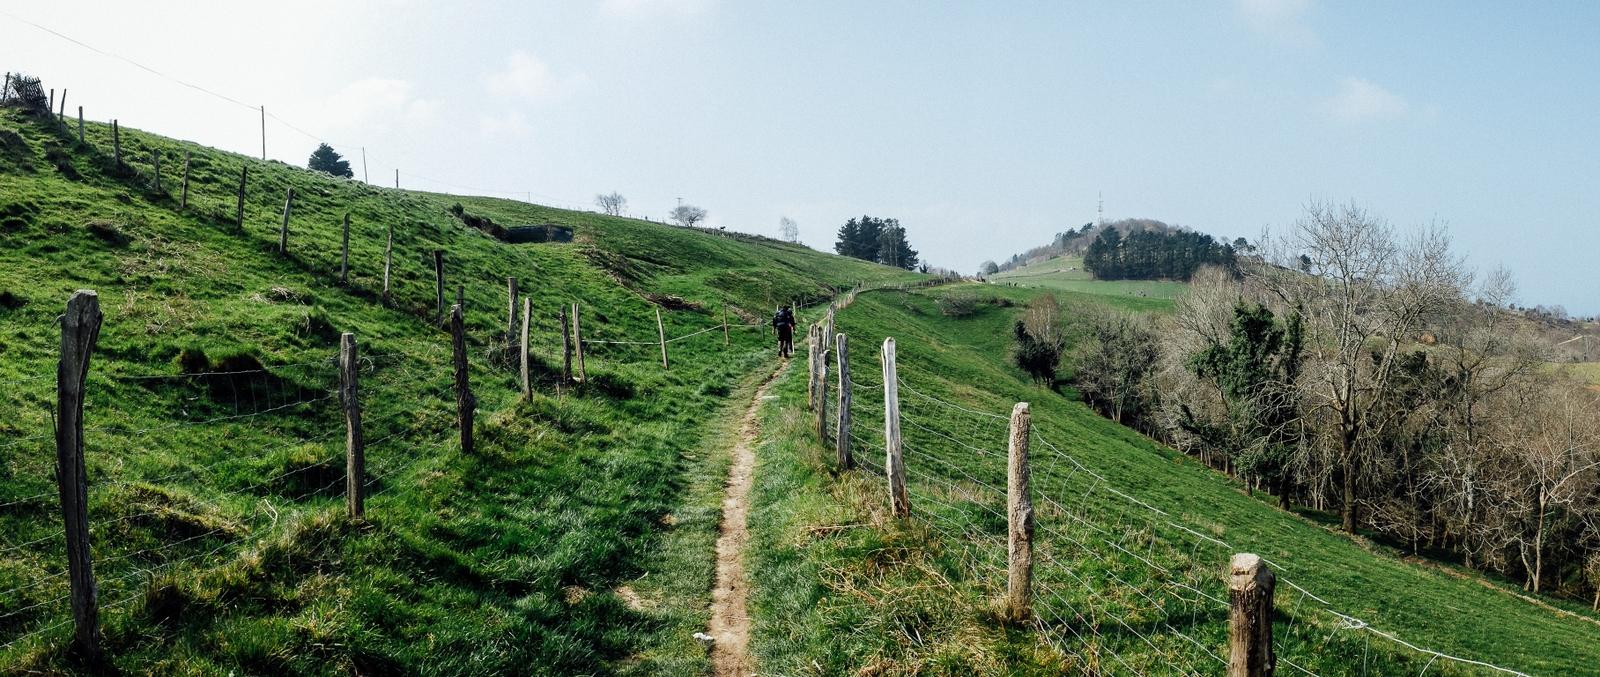 Jakobsweg - Camino del Norte (28)